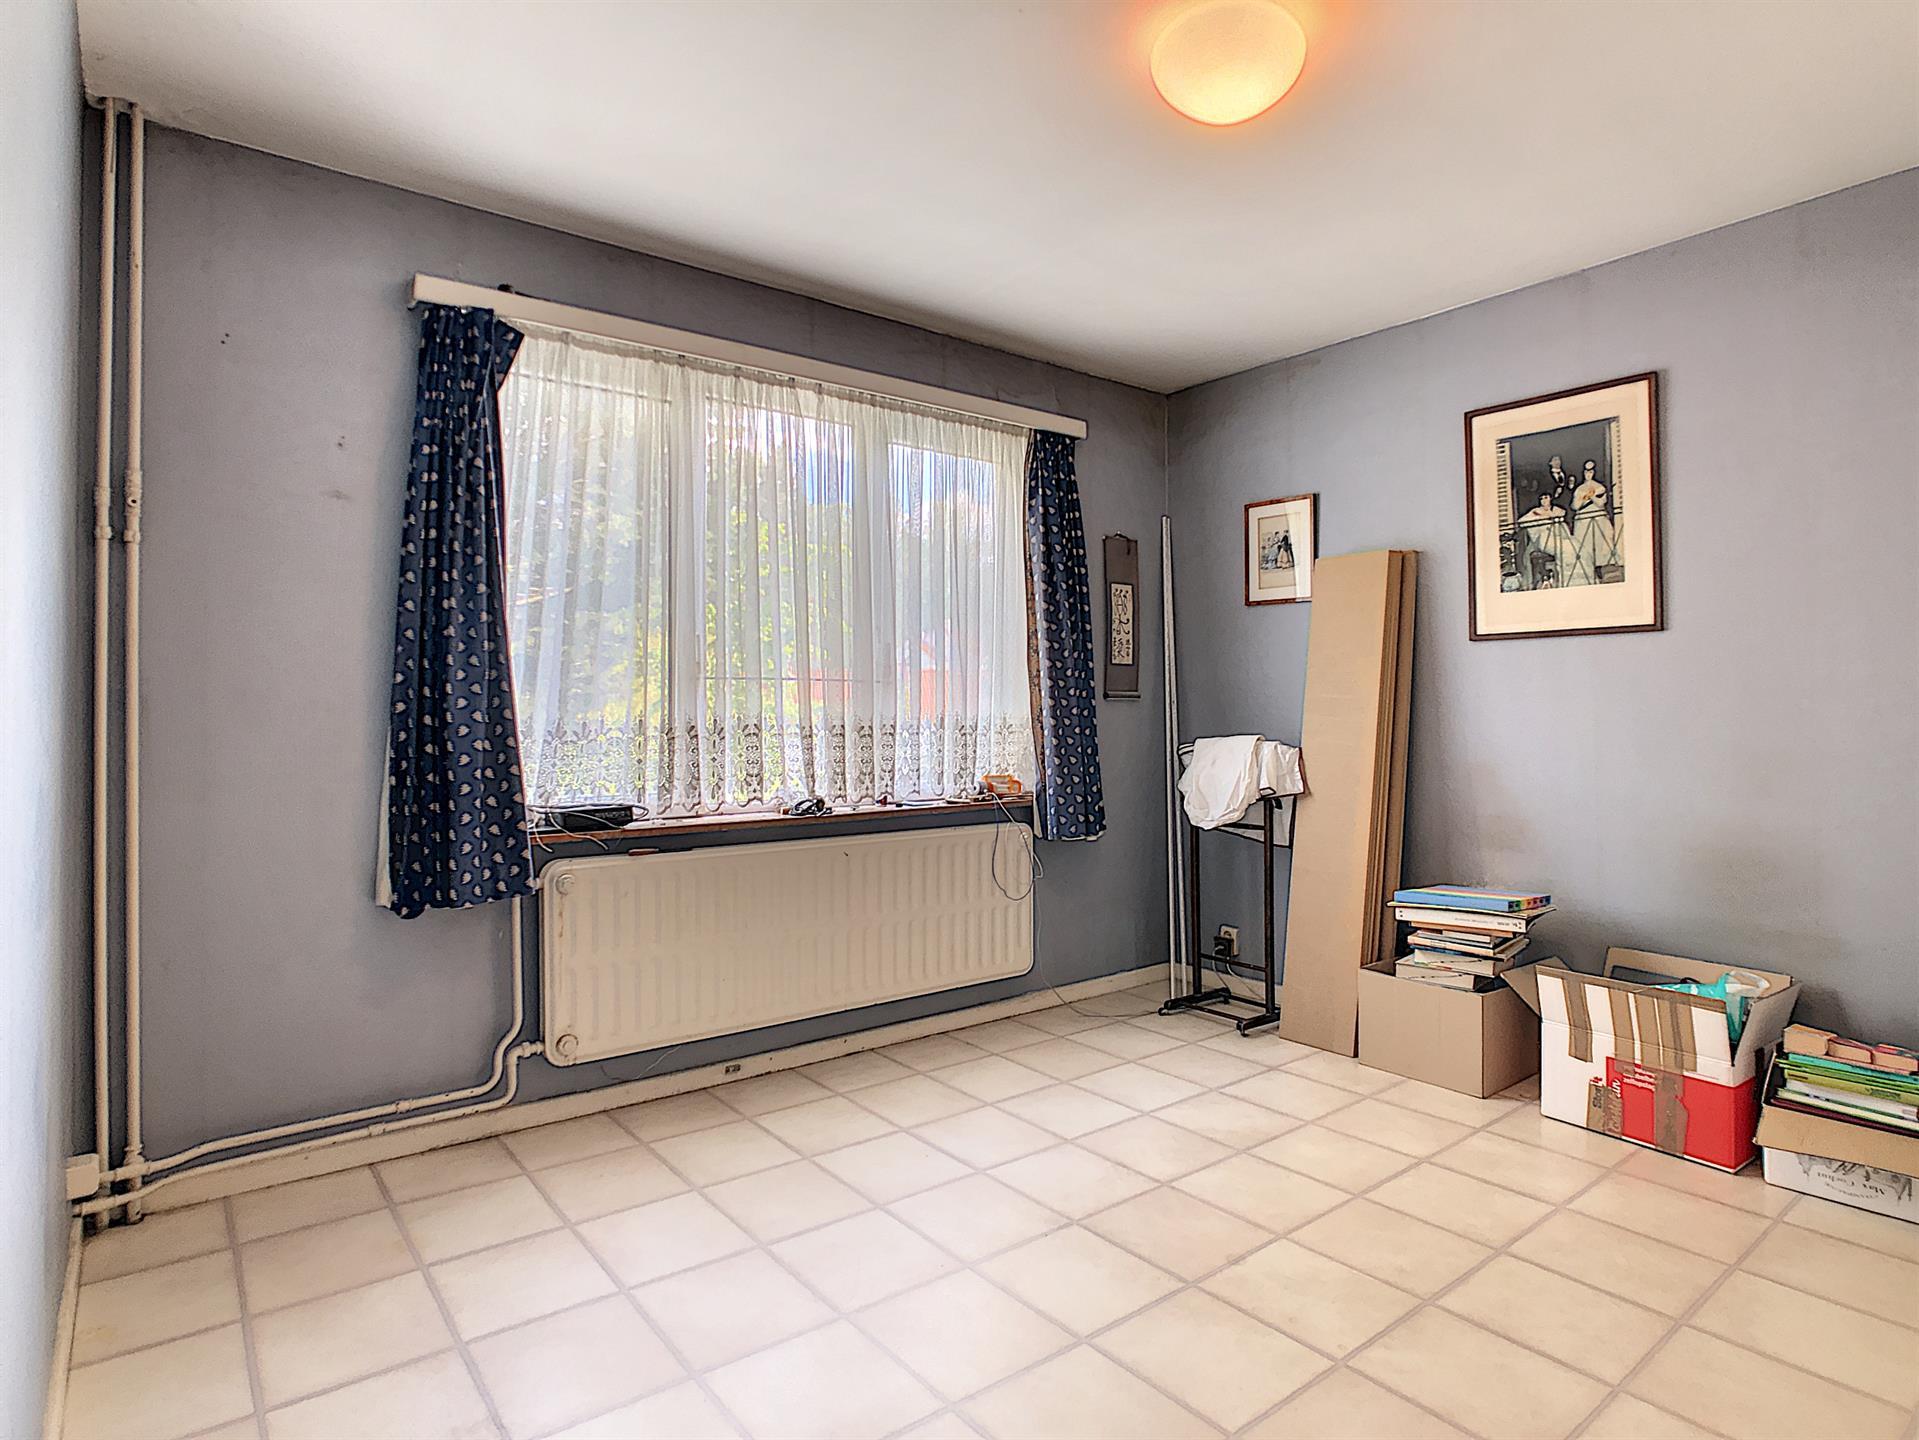 Maison unifamiliale - Auderghem - #4366134-4